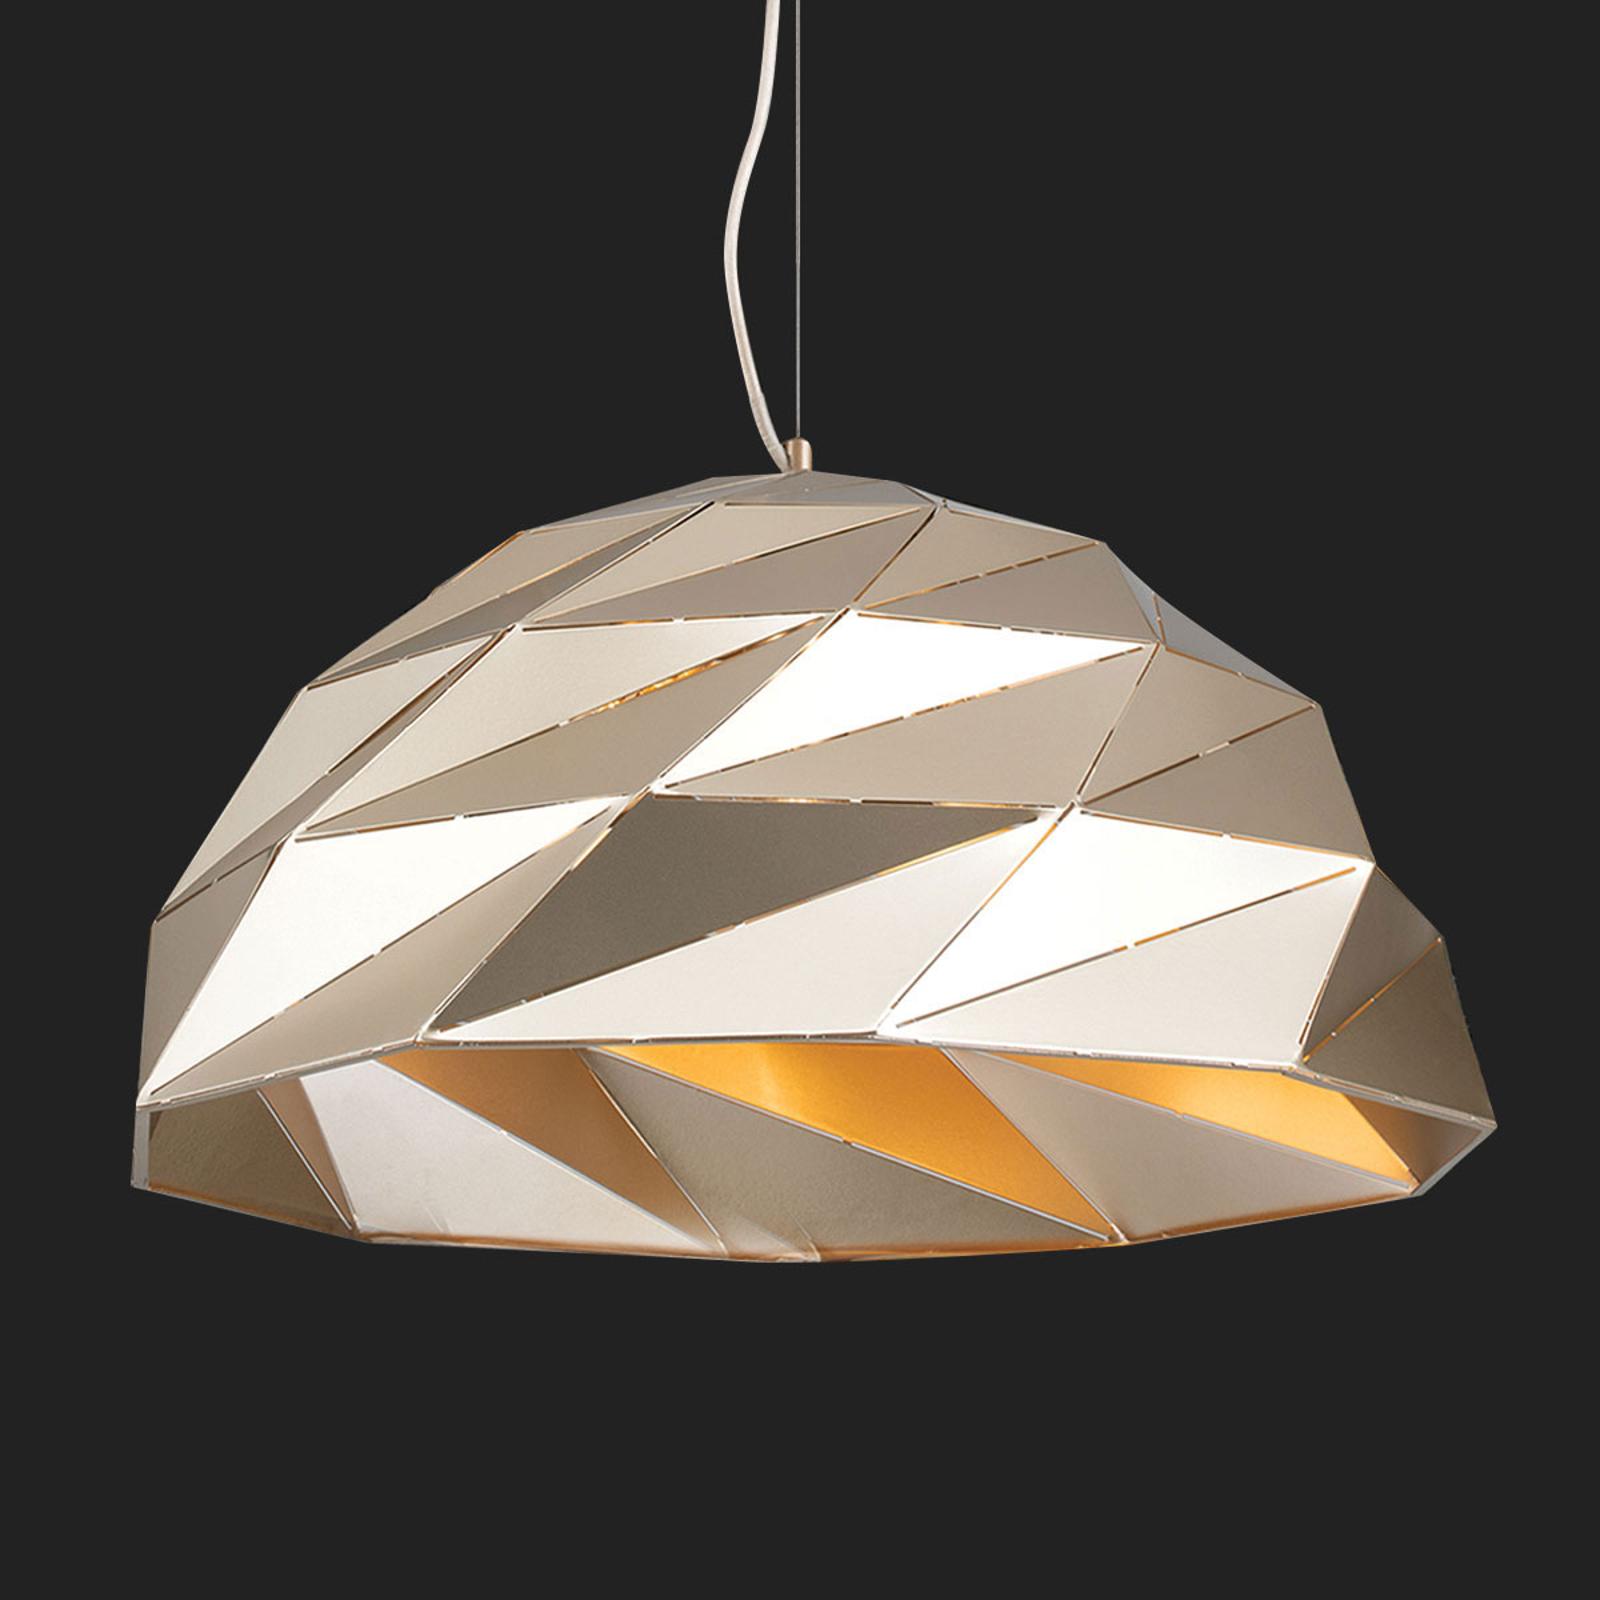 Lampa wisząca Origami Ø 56 cm złota